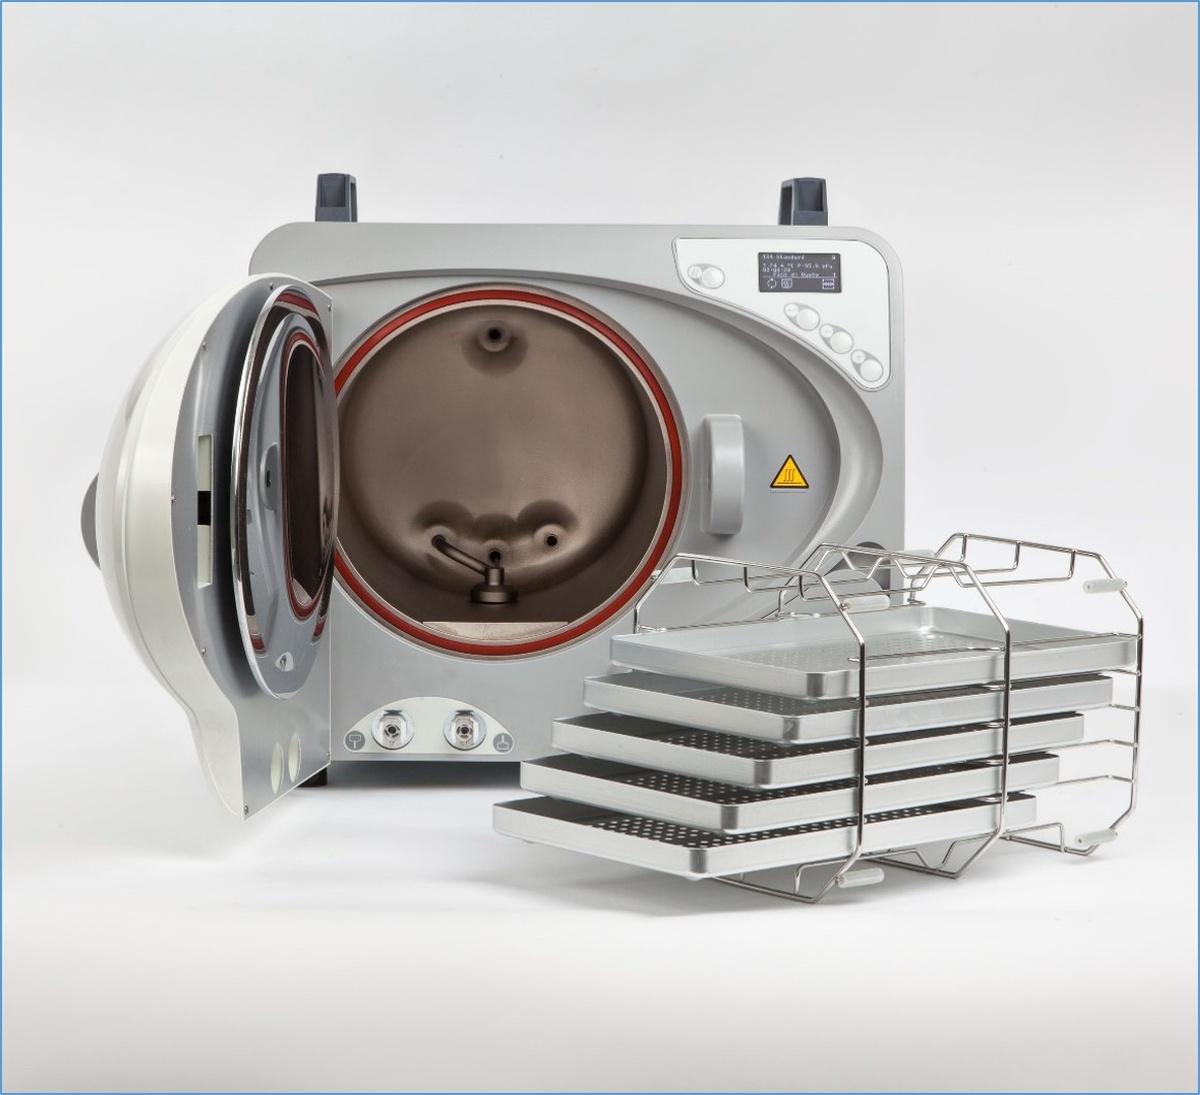 автоклав для стерилизации маникюрных инструментов